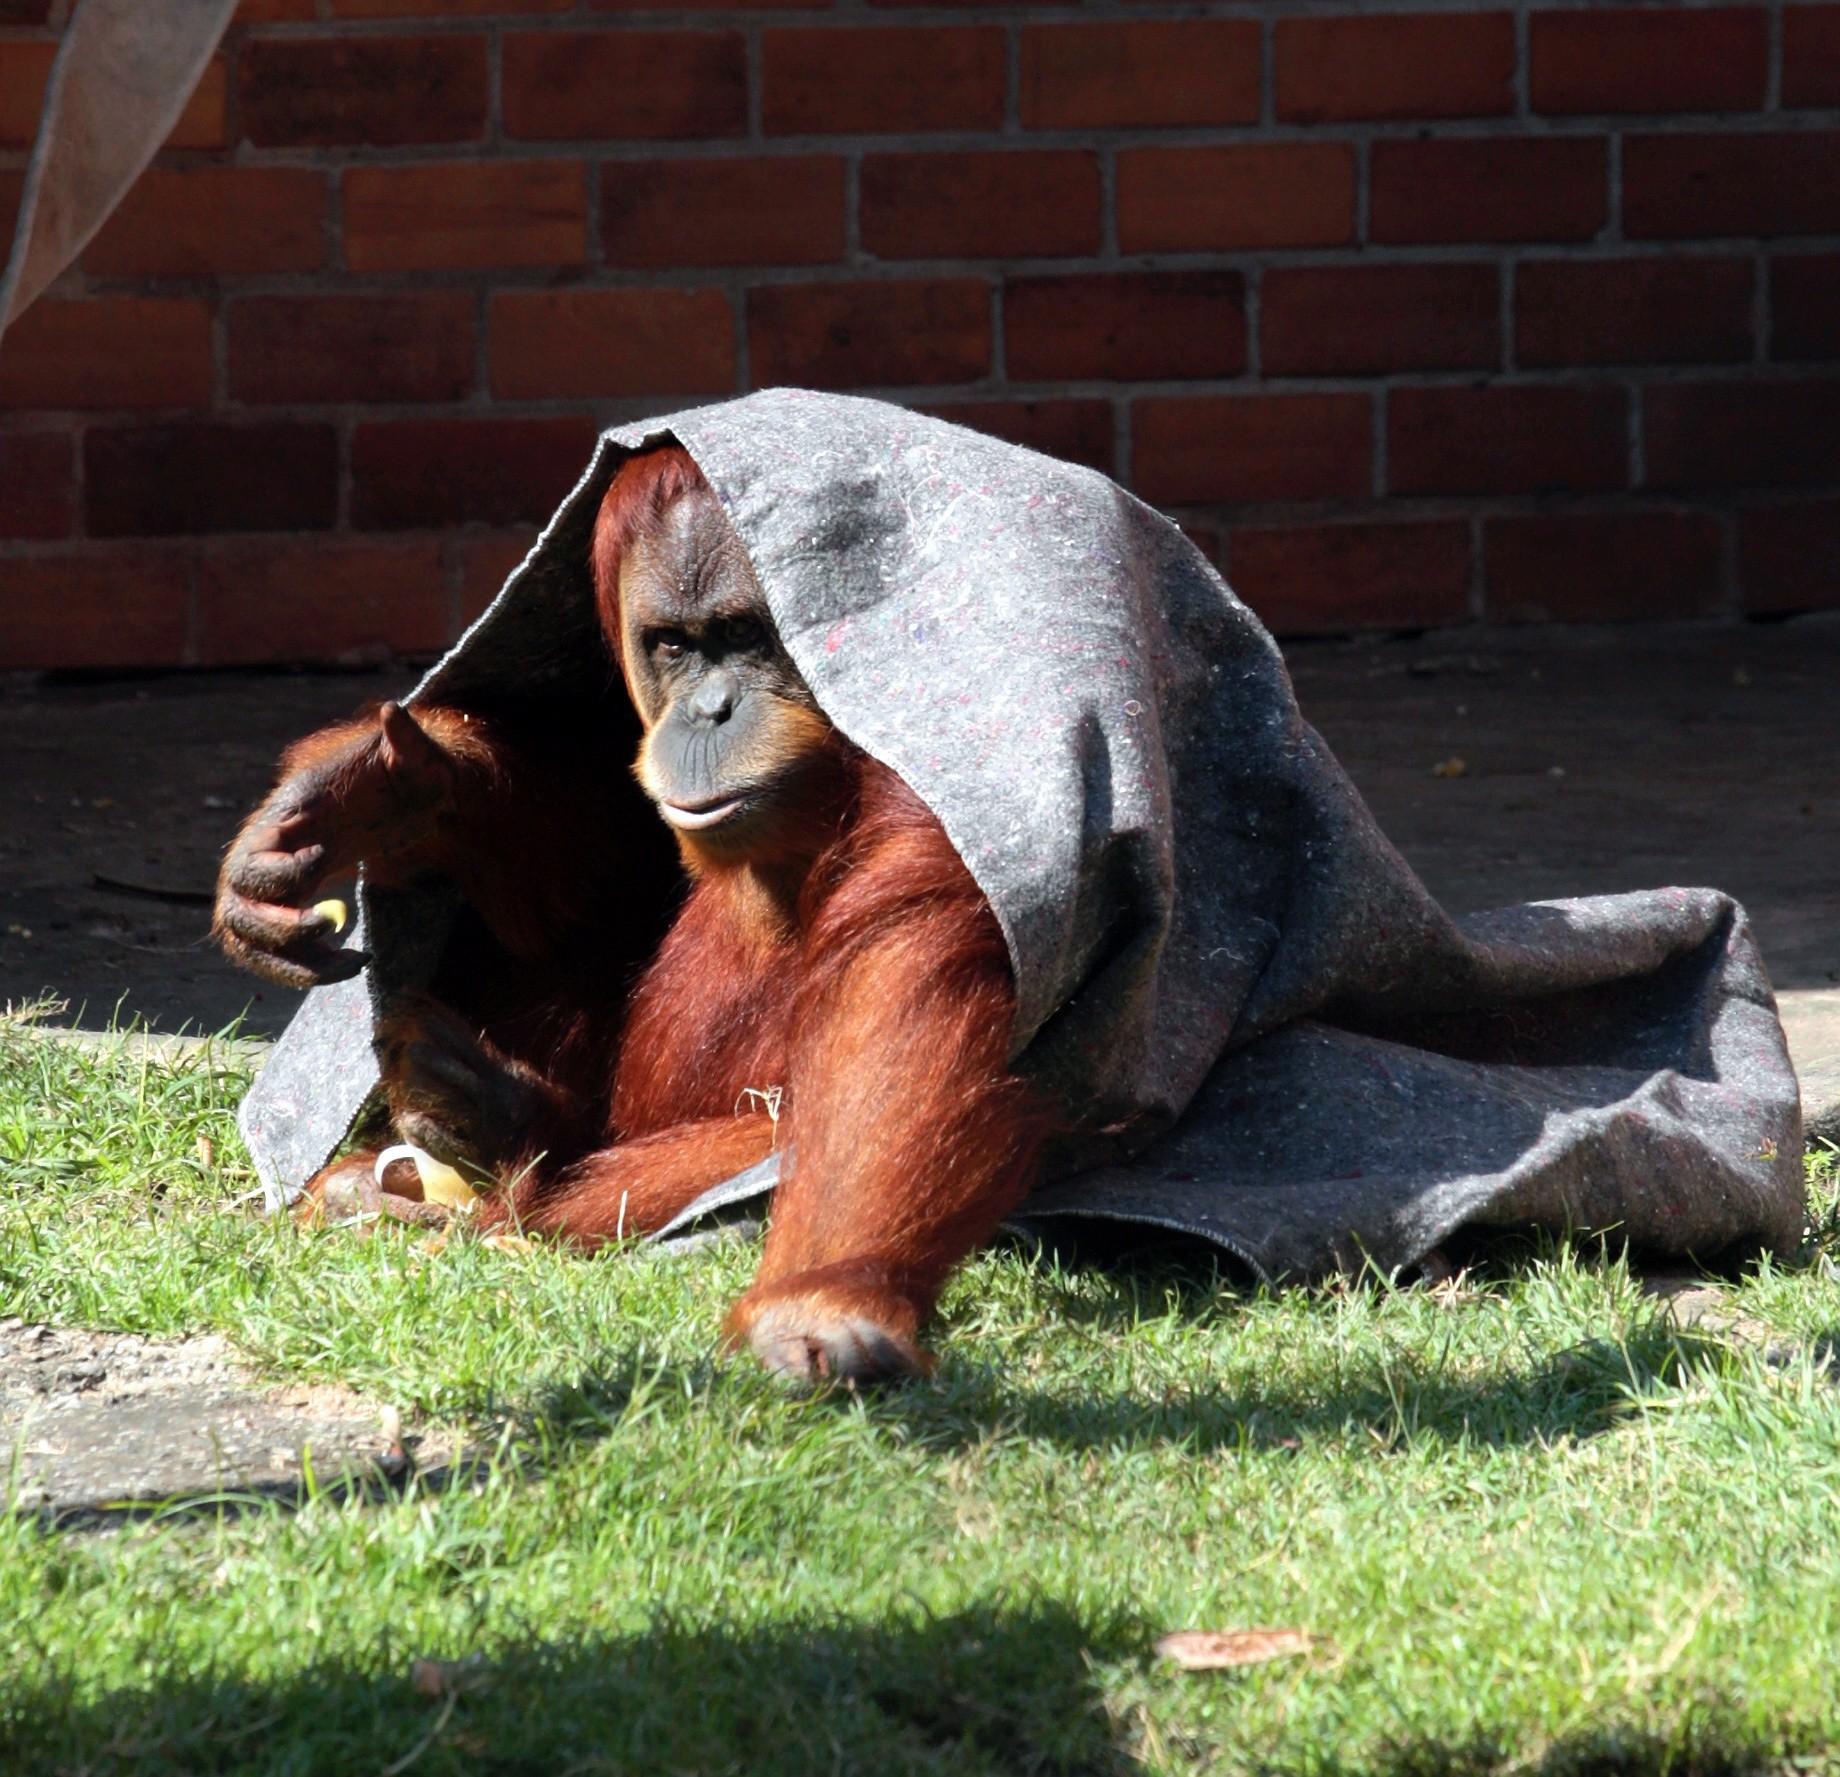 Orangotango se cobre em dia frio e ensolarado no zoológico do Rio, em 2011